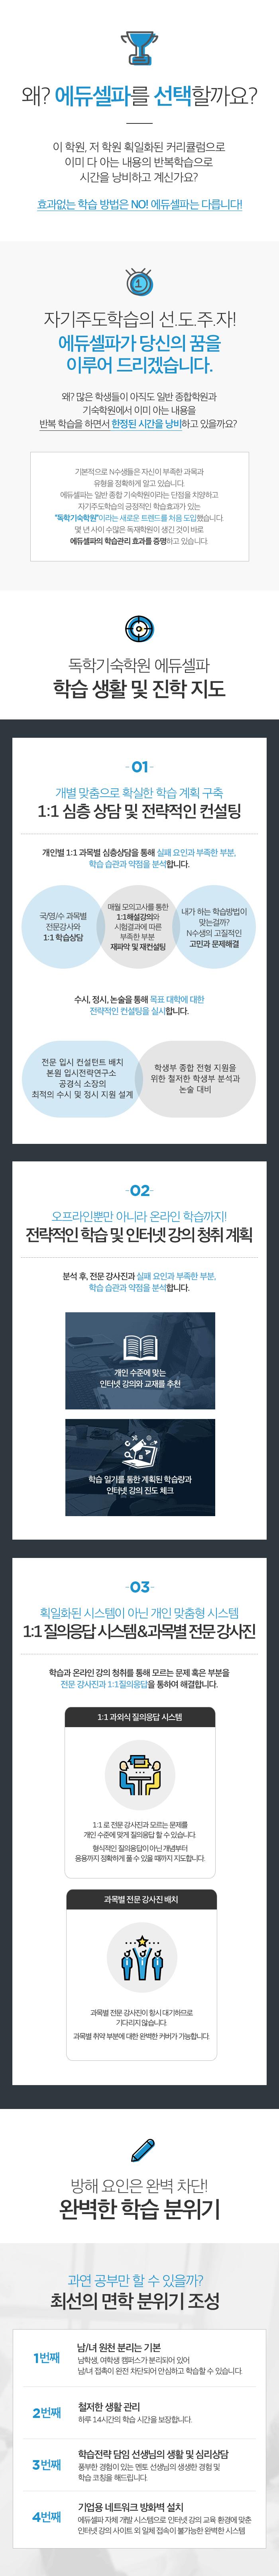 재수선행반 모바일 소개